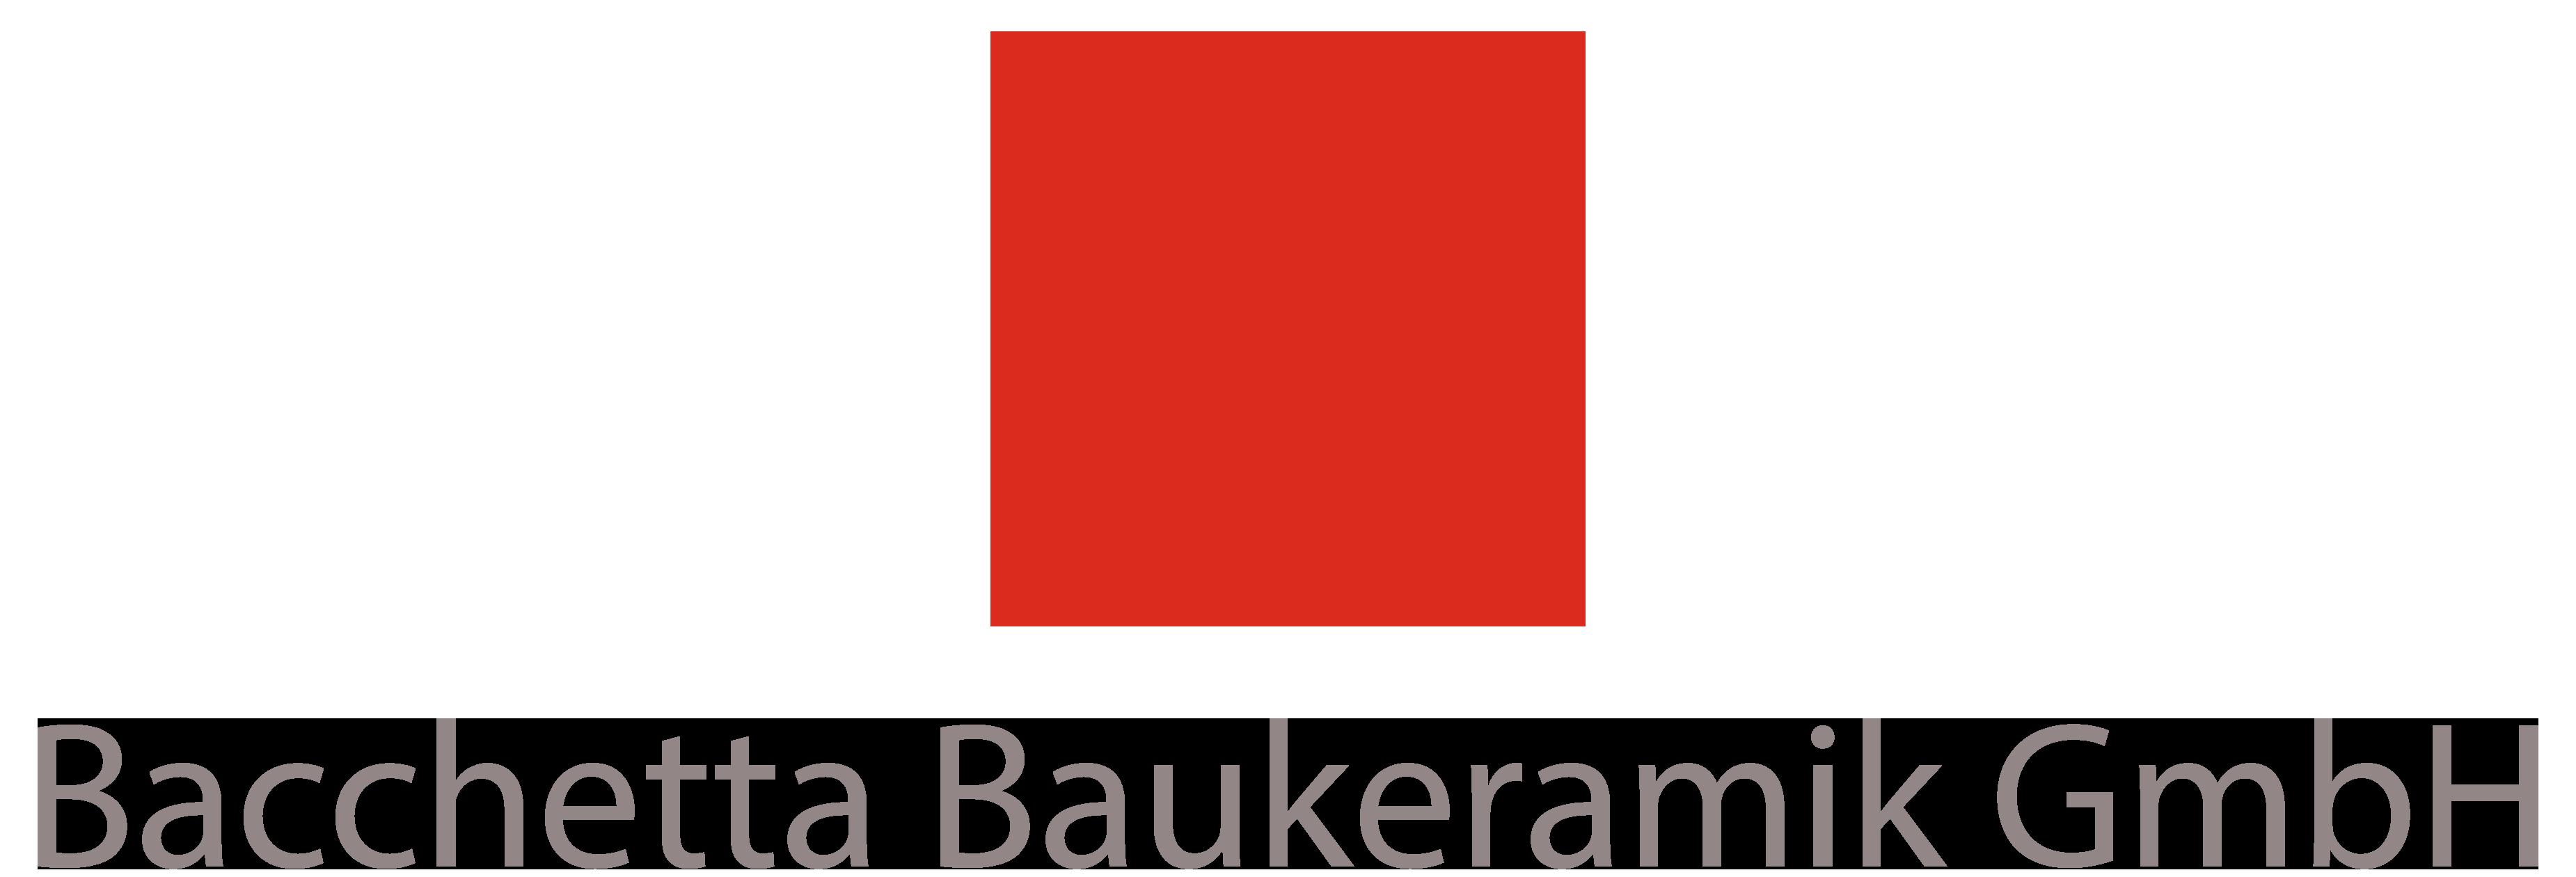 Bacchetta Baukeramik GmbH